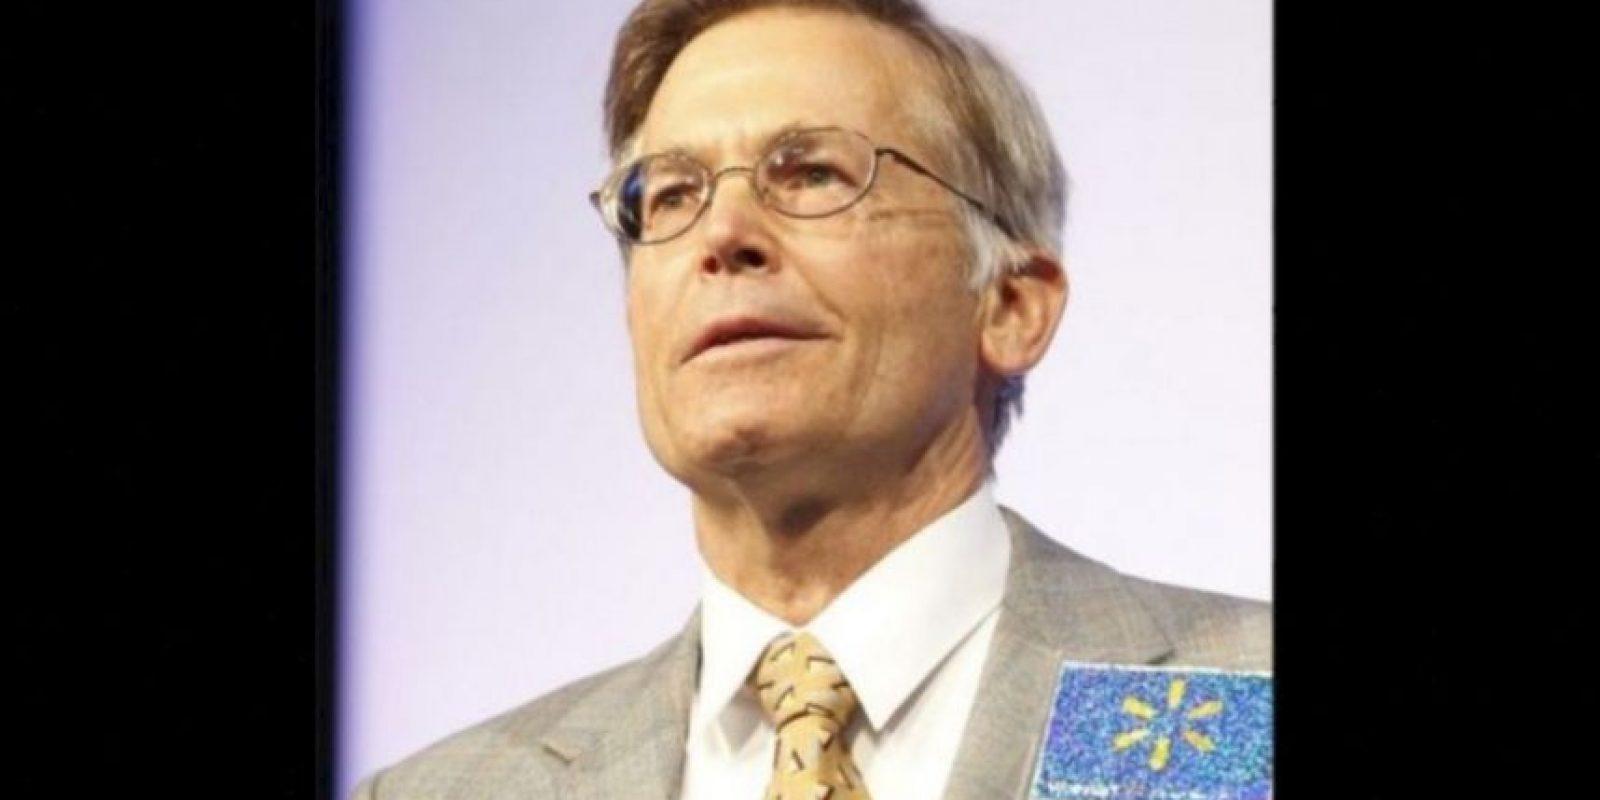 9. Jim Walton, de 67 años. Su fortuna se estima en 40 mil 600 millones de dólares Foto:Getty Images